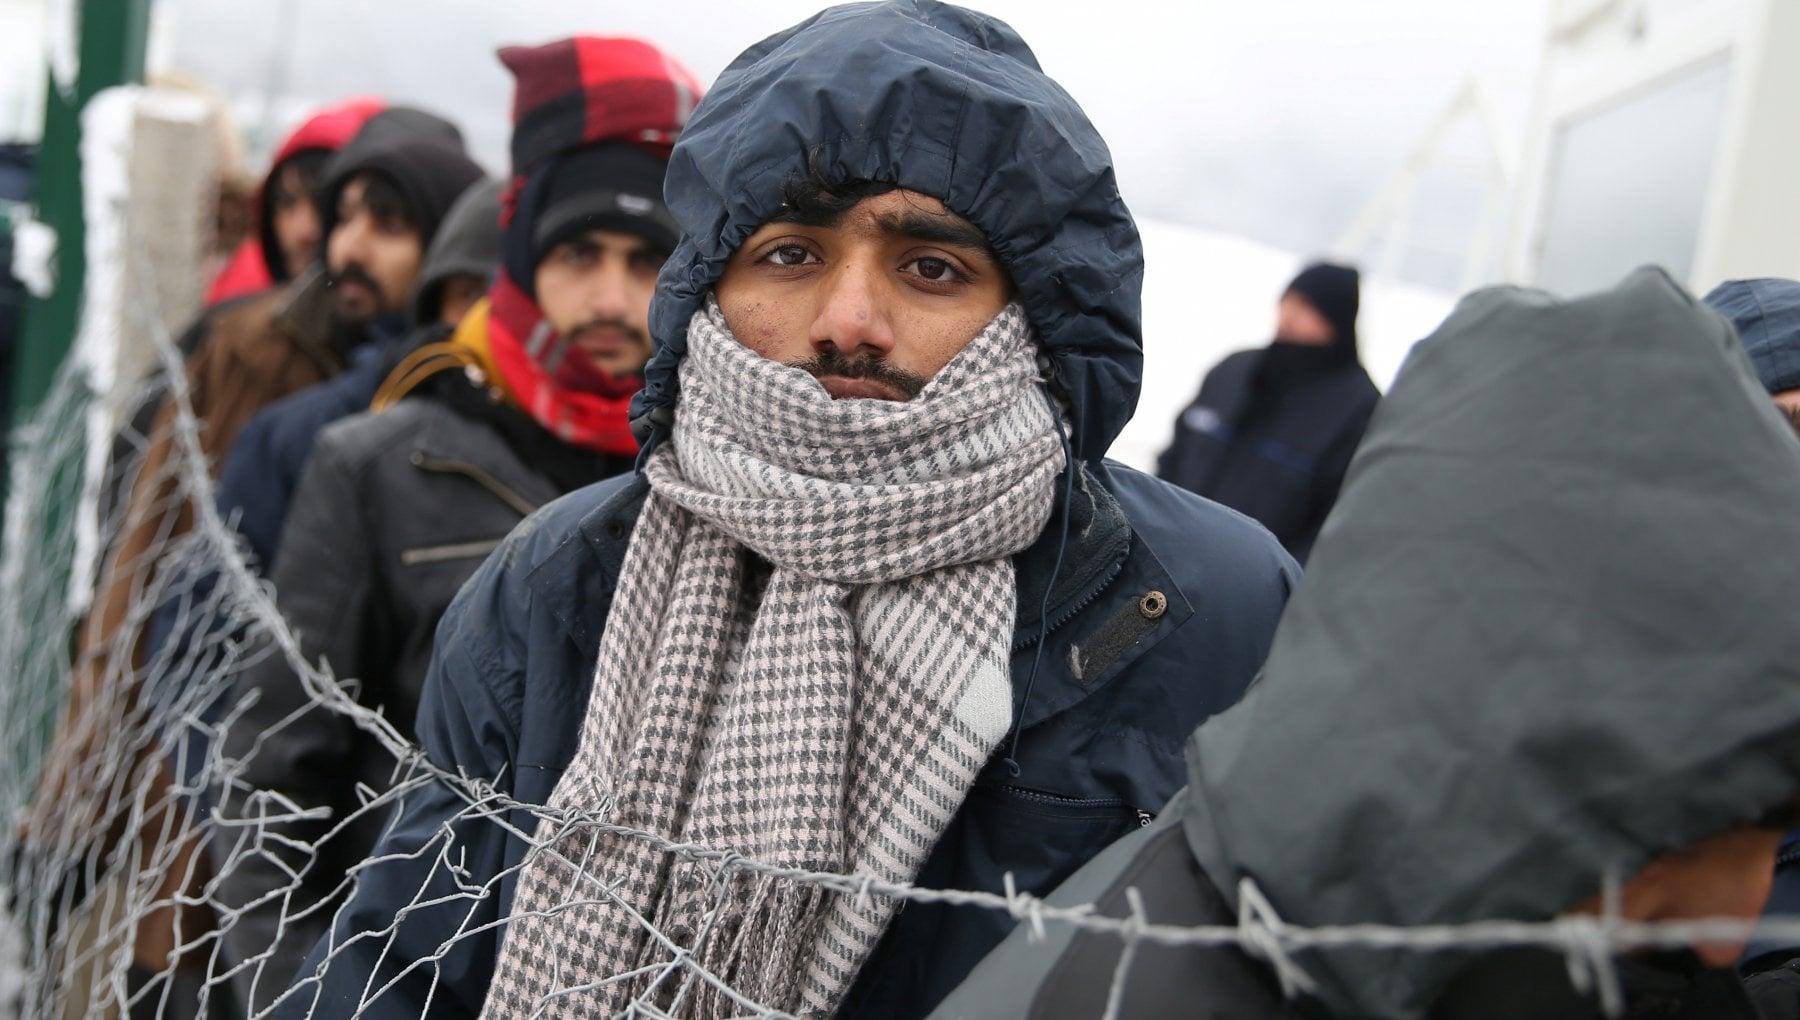 Bosnia centinaia di migranti bloccati nella neve senza cibo ne acqua. La denuncia delle ong E labisso dellumanita